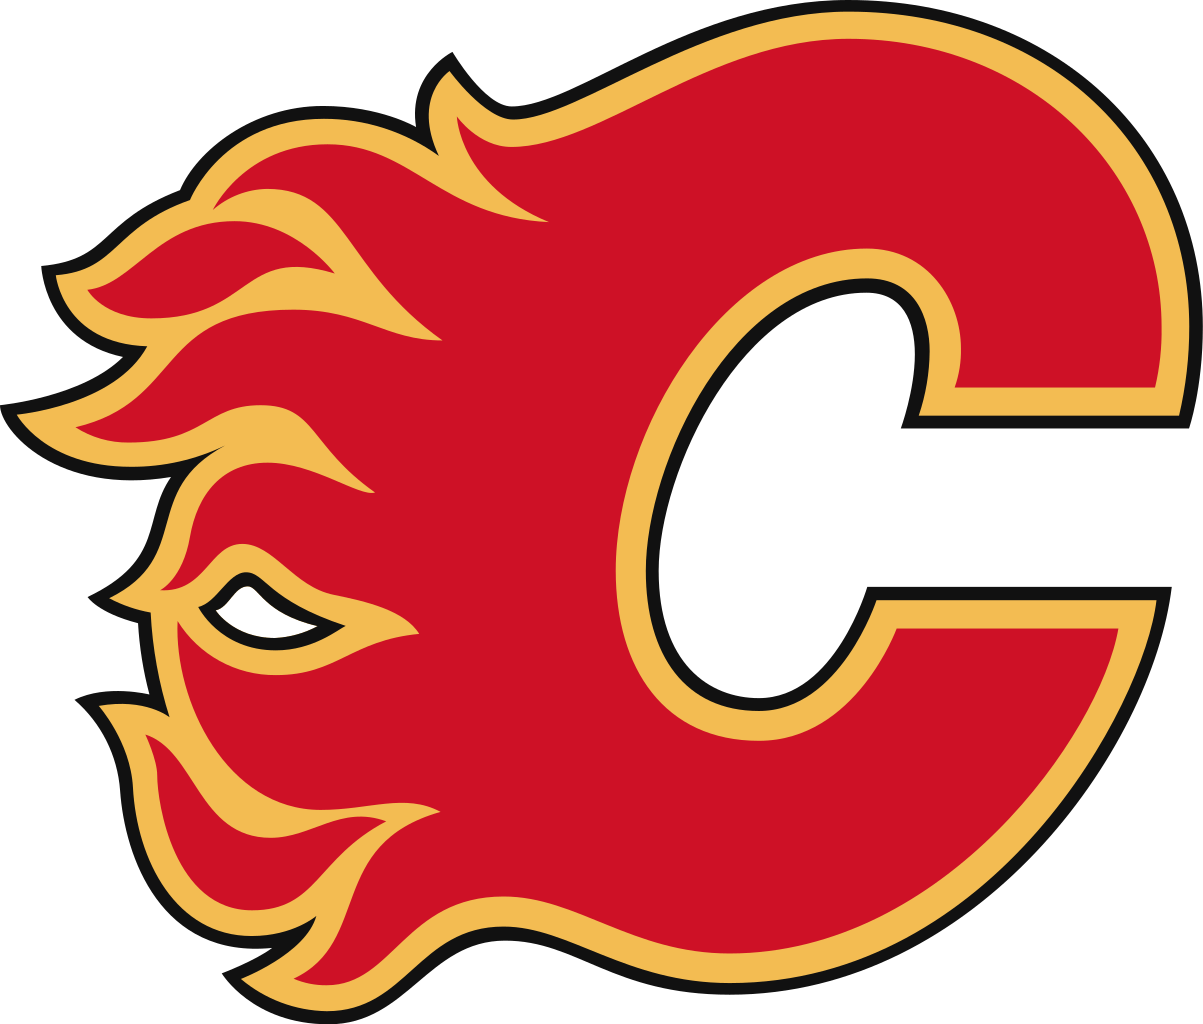 Calgary flames logo transparent. Hockey clipart symbol